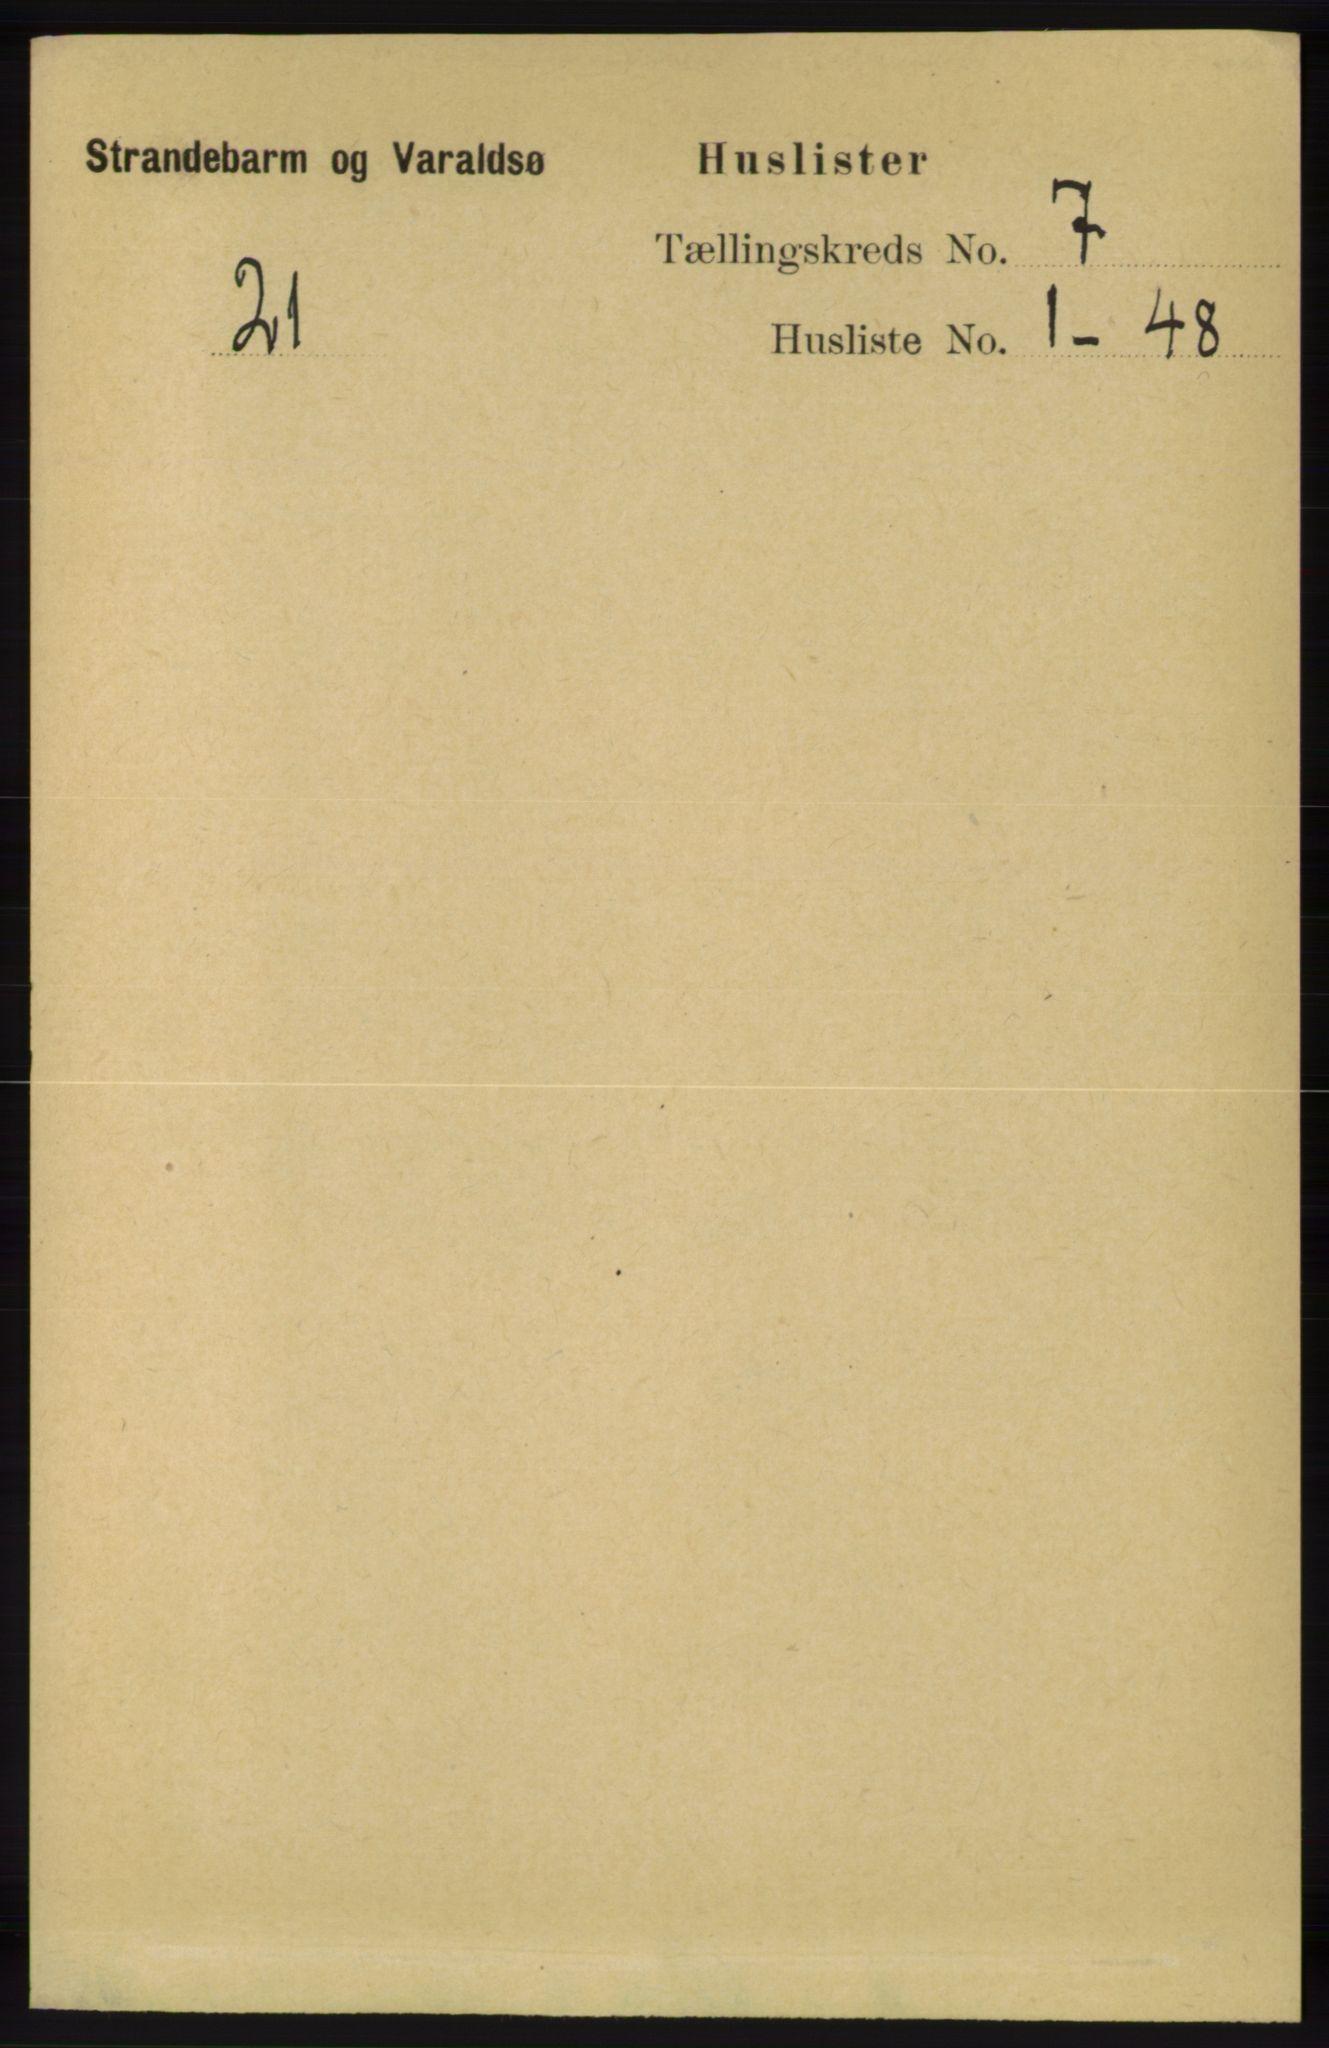 RA, Folketelling 1891 for 1226 Strandebarm og Varaldsøy herred, 1891, s. 2585